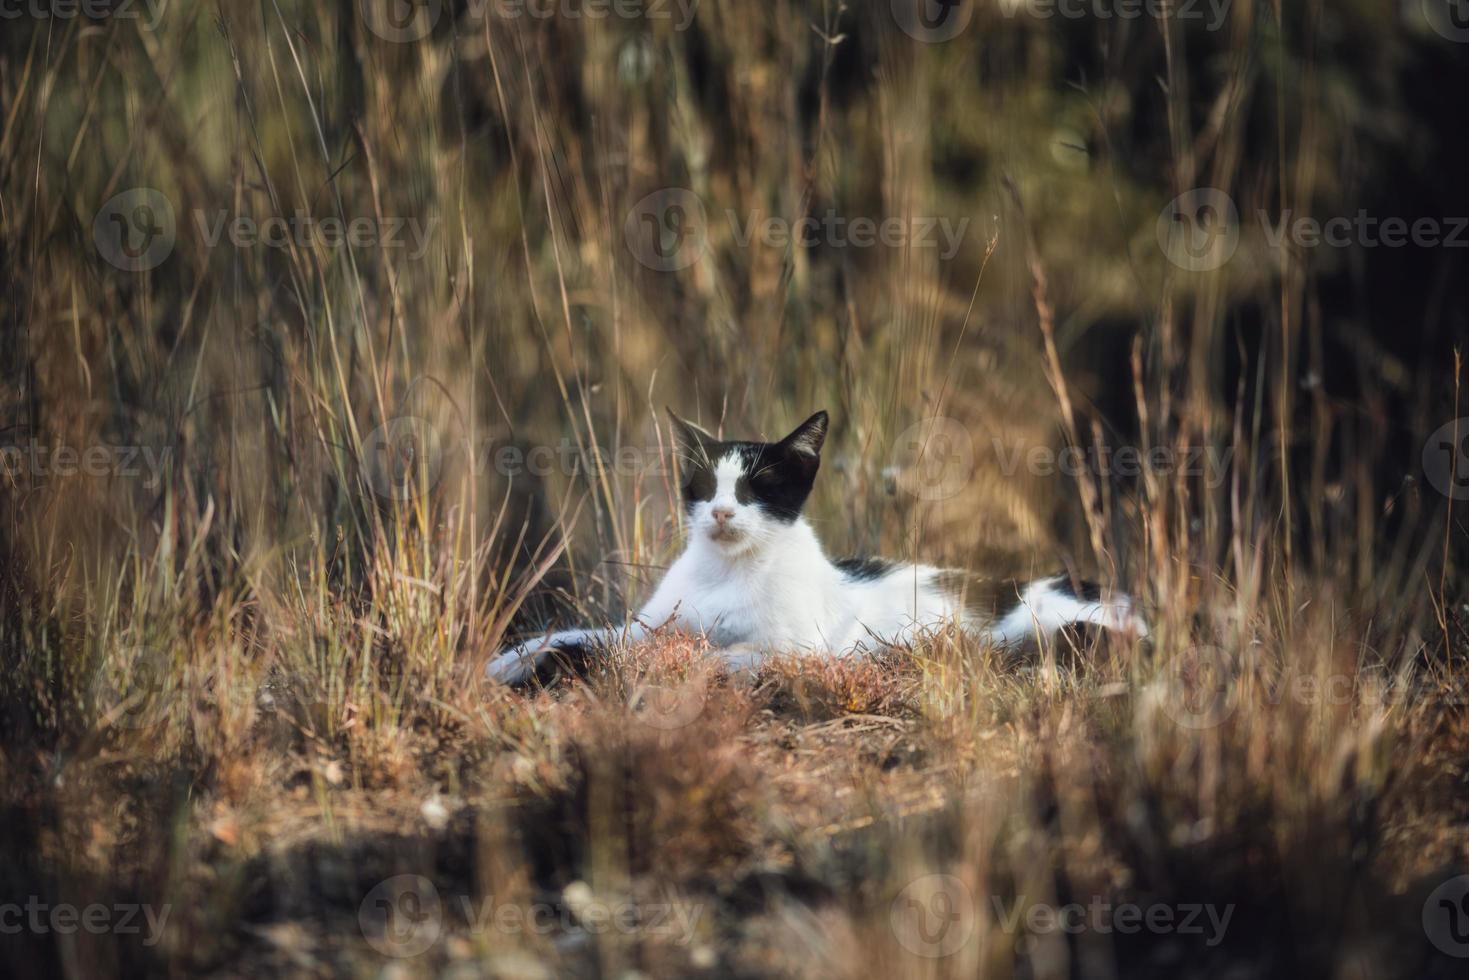 huskatt, svartvitt katt som ligger på ängen, slumrar och lyssnar på sin omgivning. foto